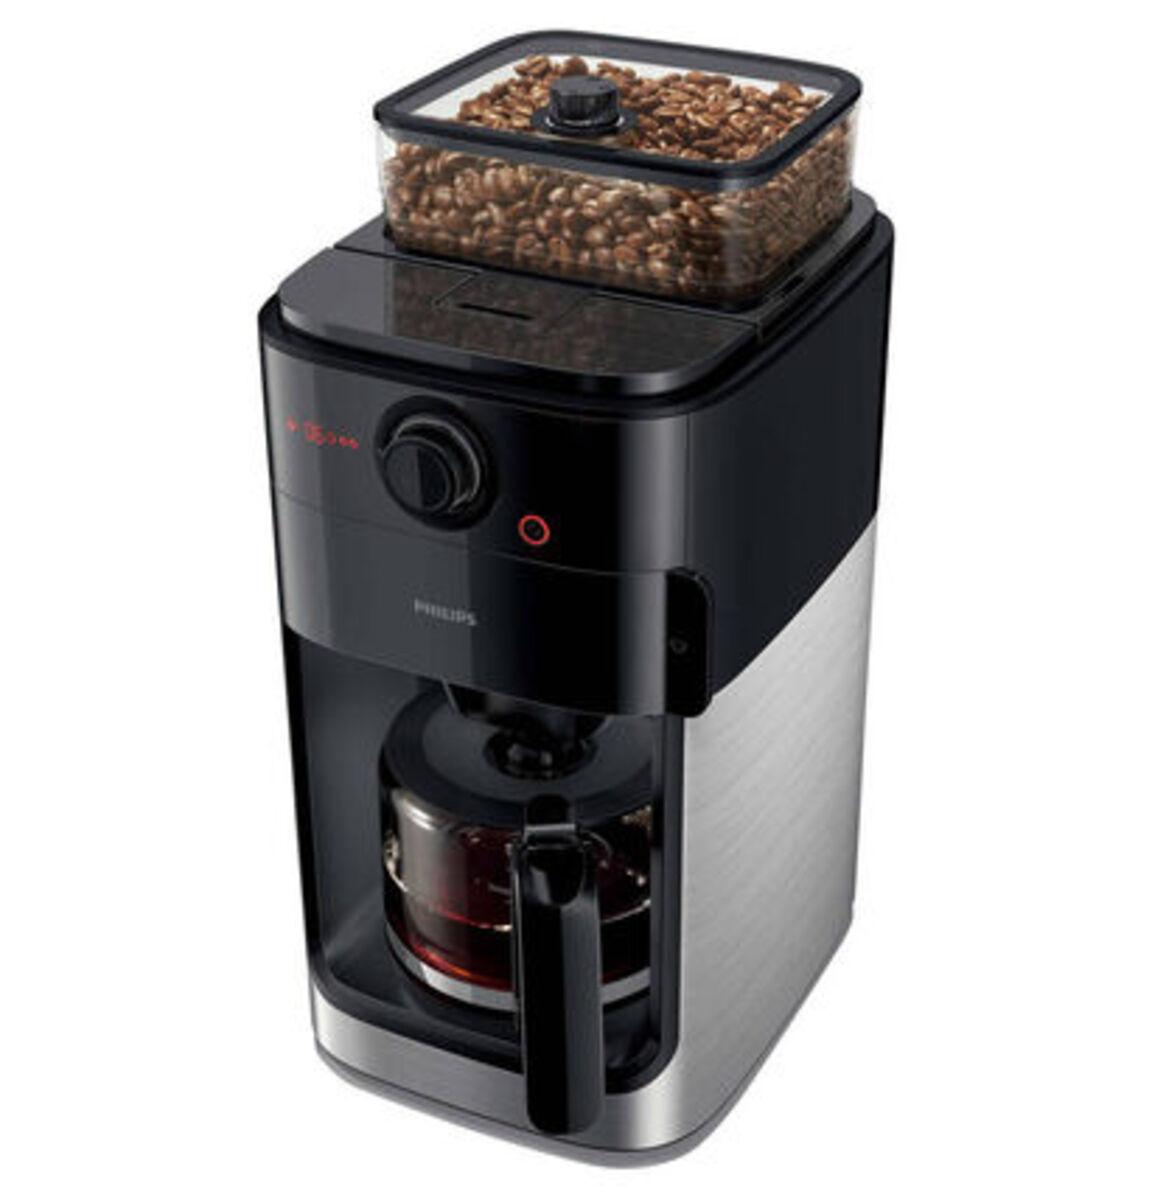 Bild 4 von Philips Kaffeeautomat HD7767/00 mit Mahlwerk, schwarz/silber, schwarz/Metall